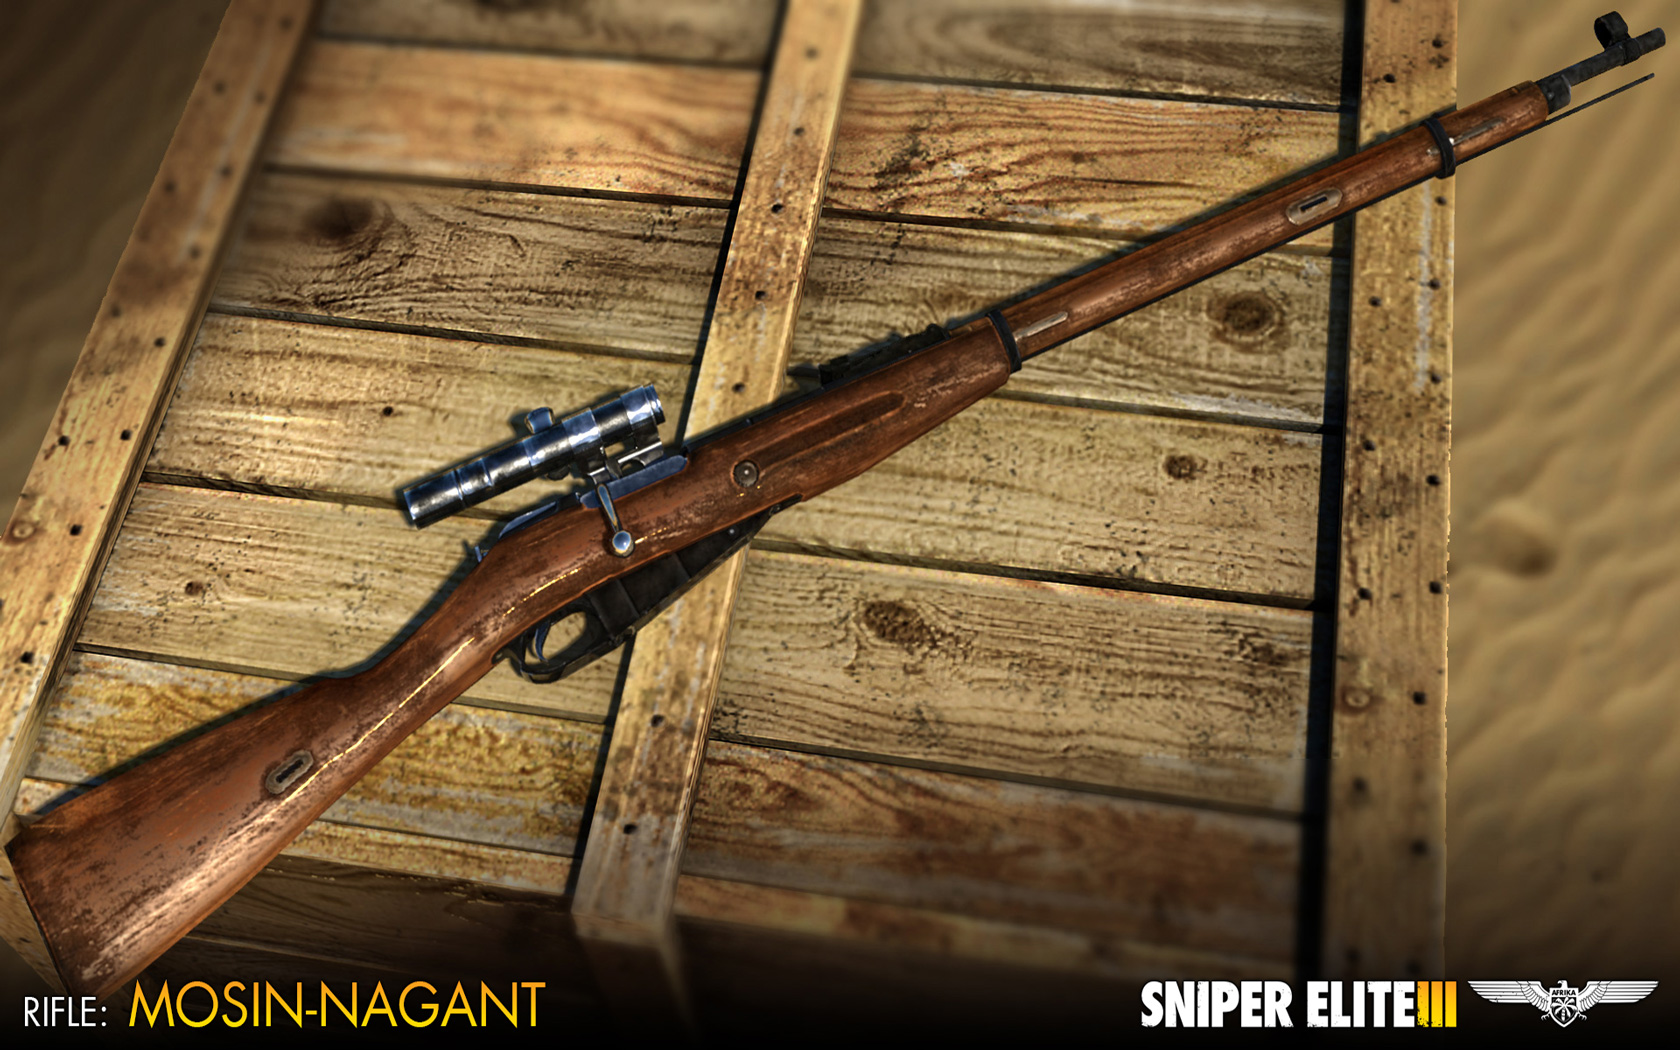 Sniper Elite 3 Wallpaper in 1680x1050